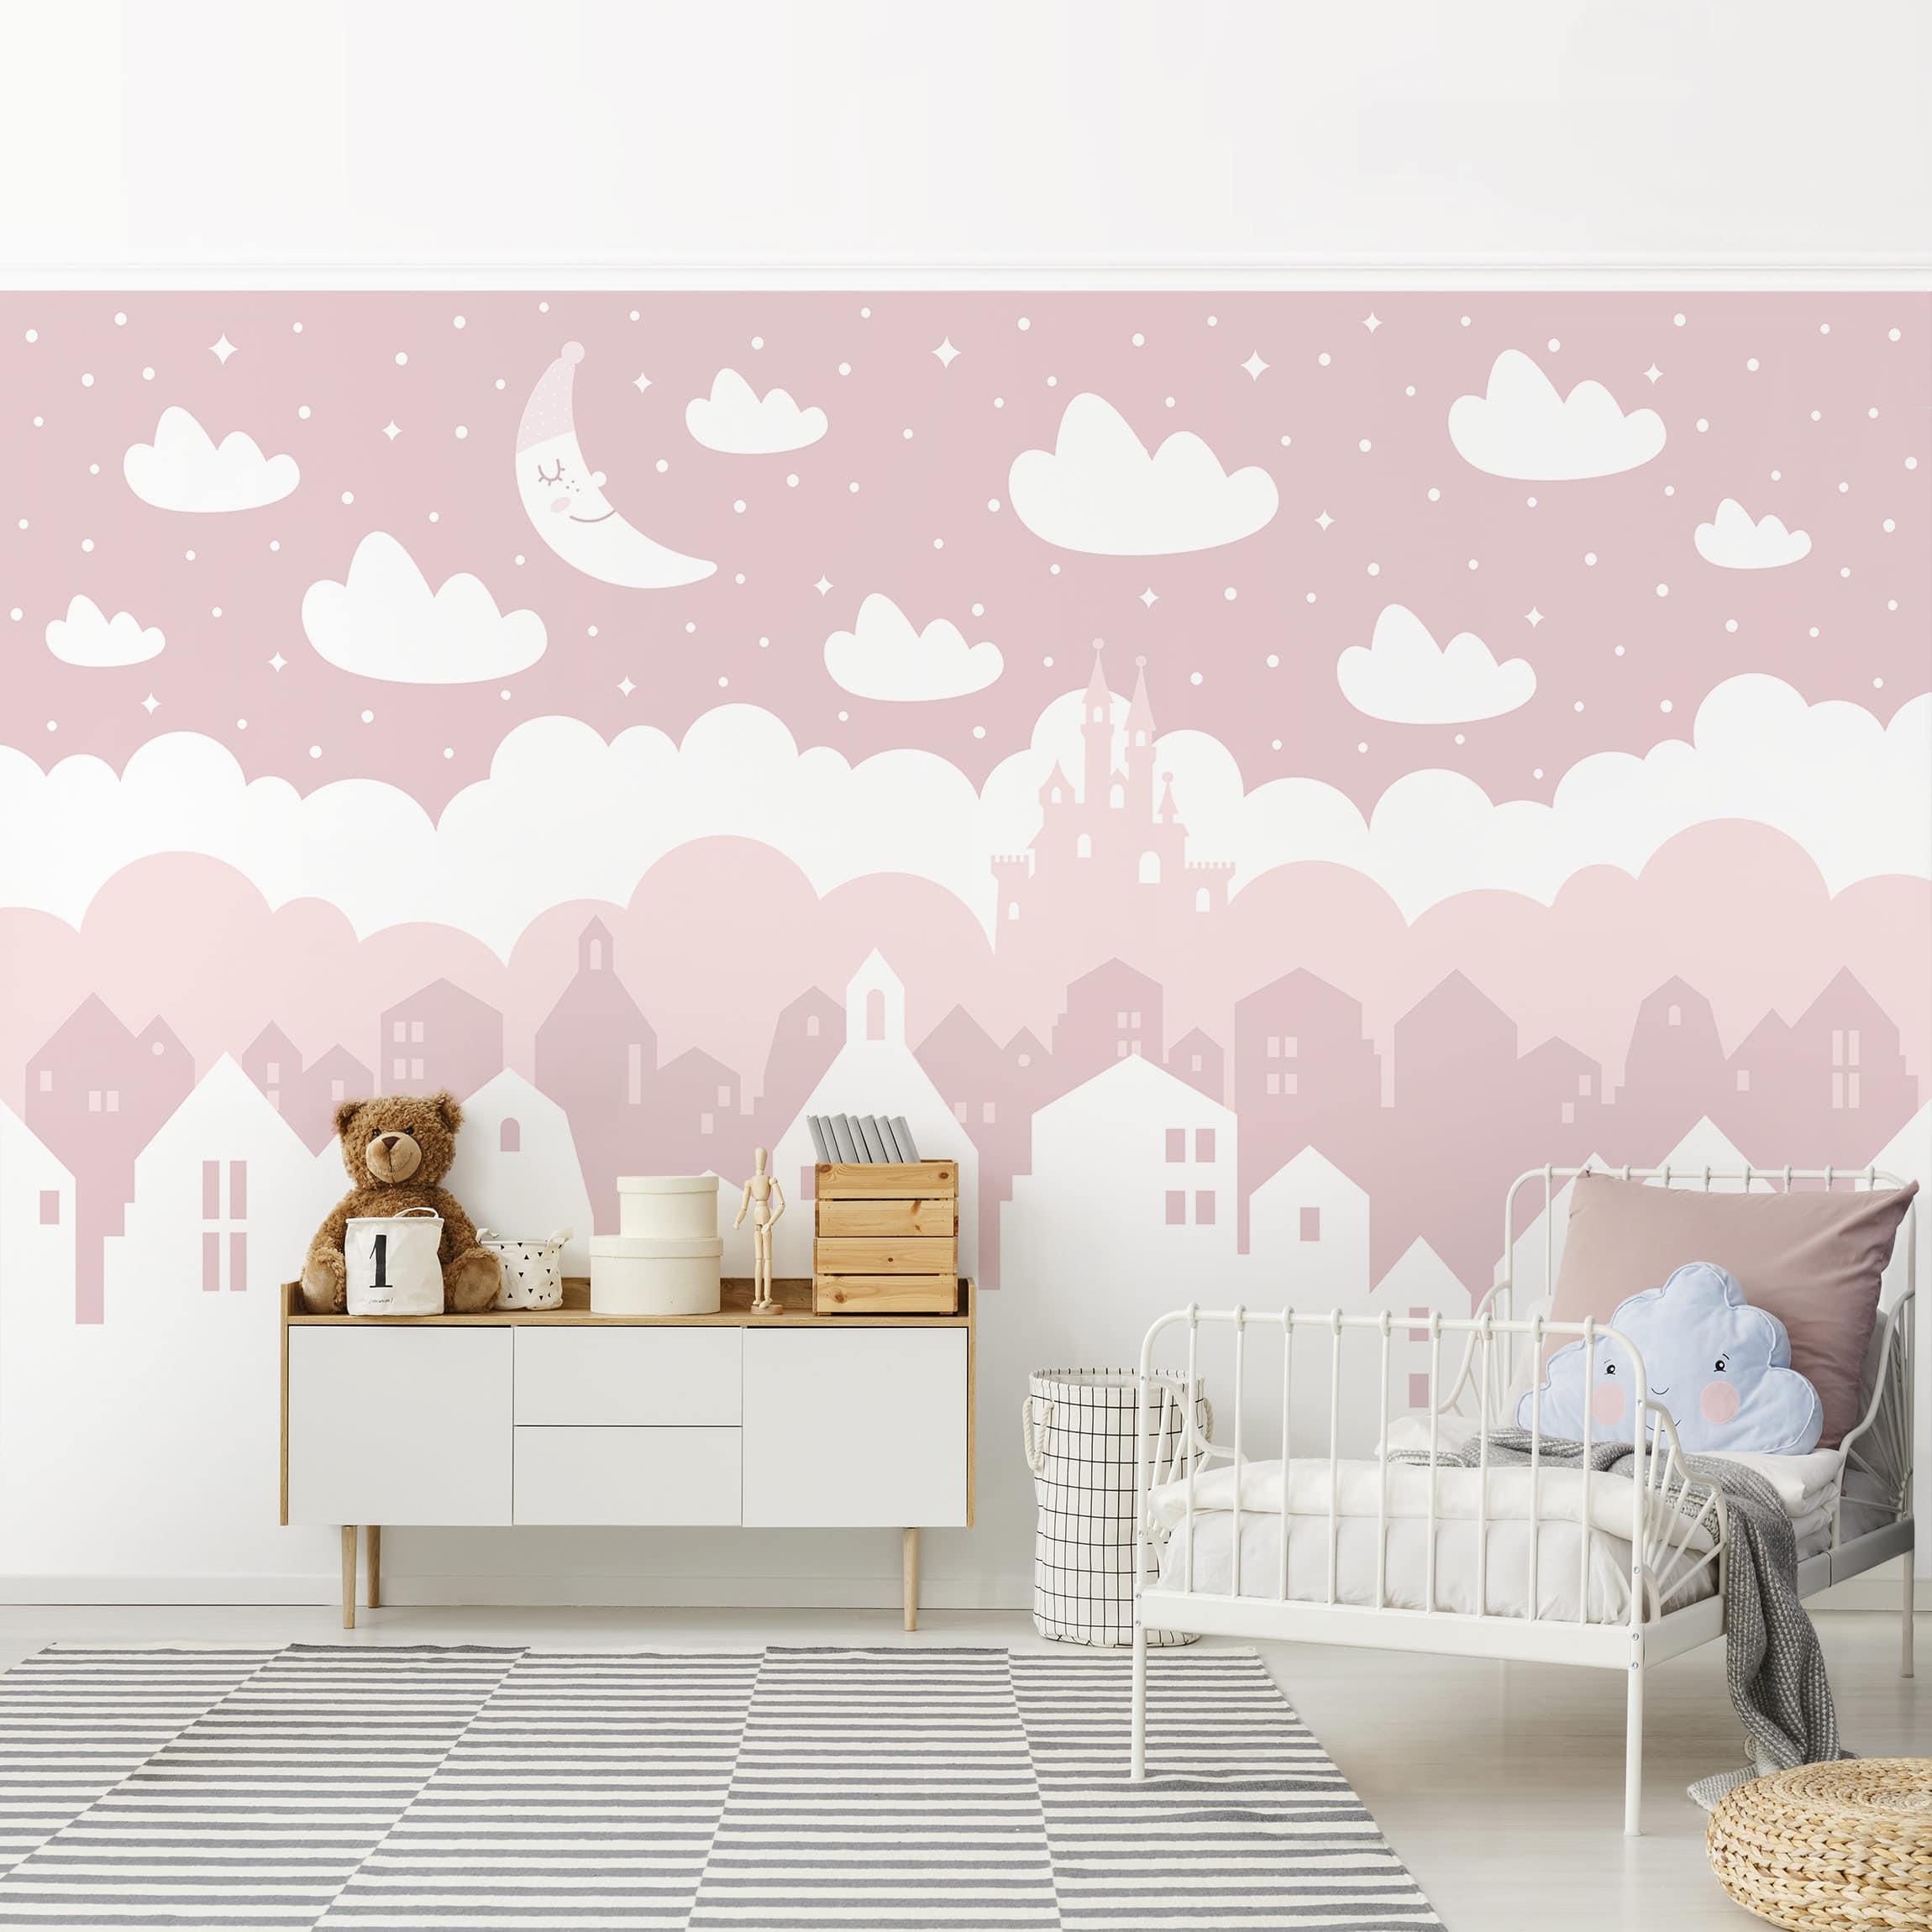 Carta Da Parati Immagini photo wall mural - carta da parati nuvolette (#1679671) - hd